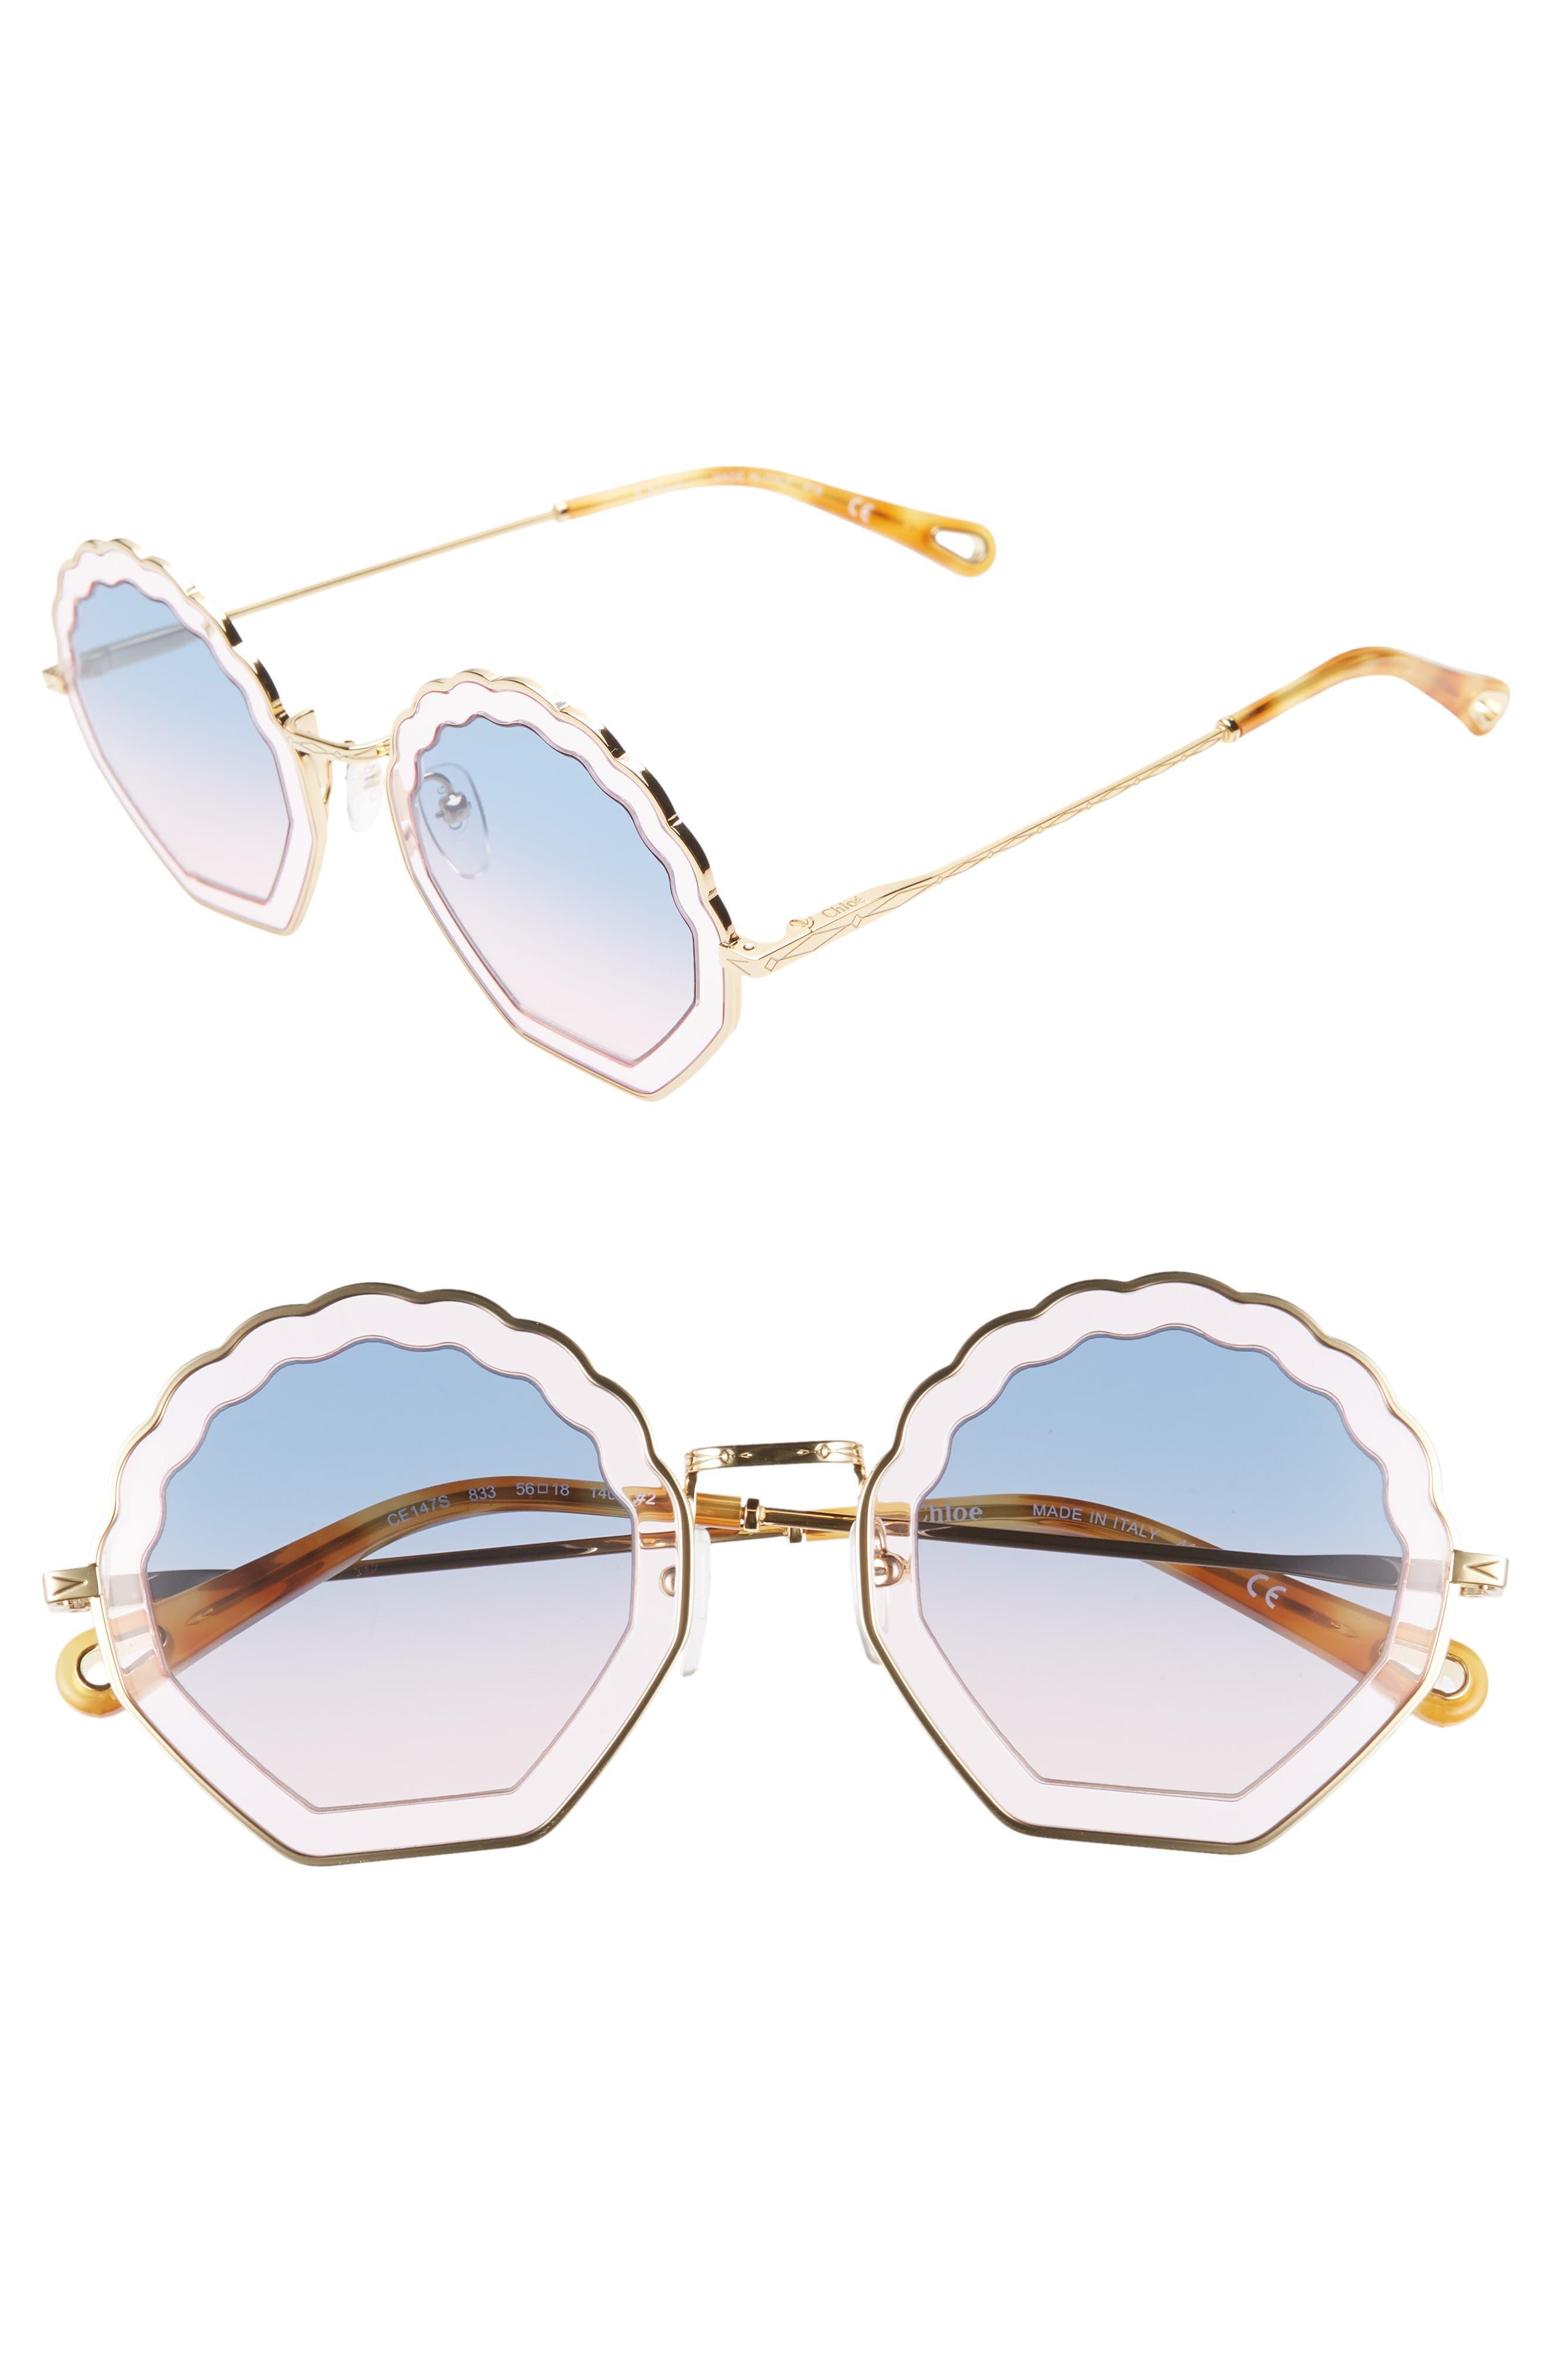 0c104e4b8b Chloé Sunglasses for Women